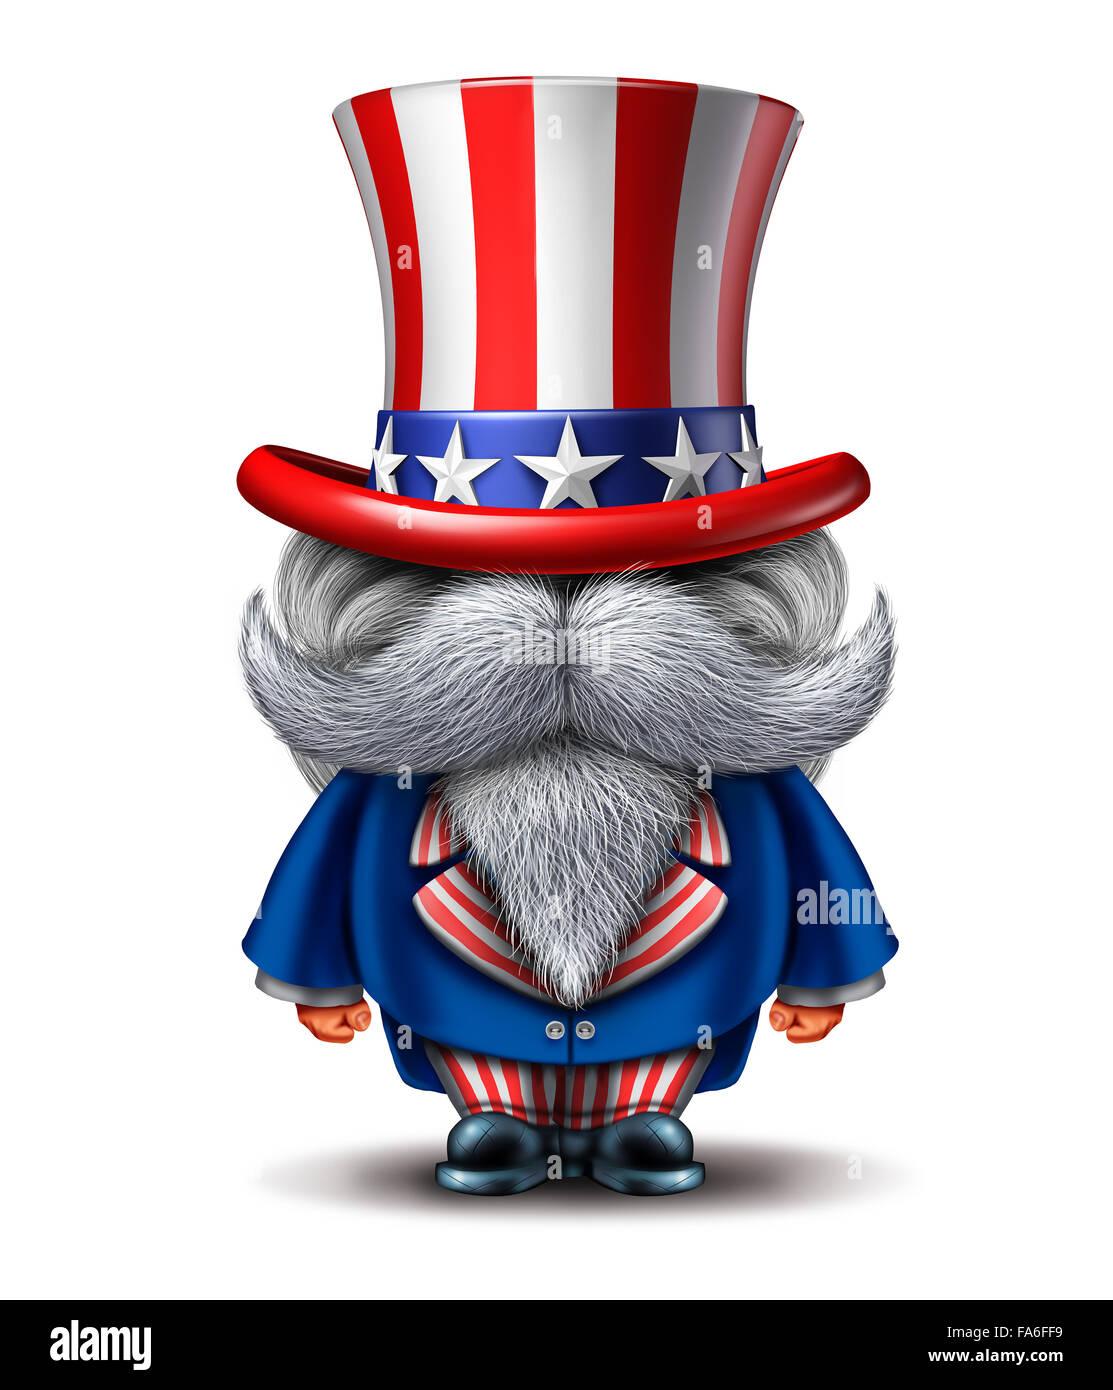 Lo zio Sam carattere come un icona patriottica di un simbolo americano di governo politico elezioni o quarto di Immagini Stock